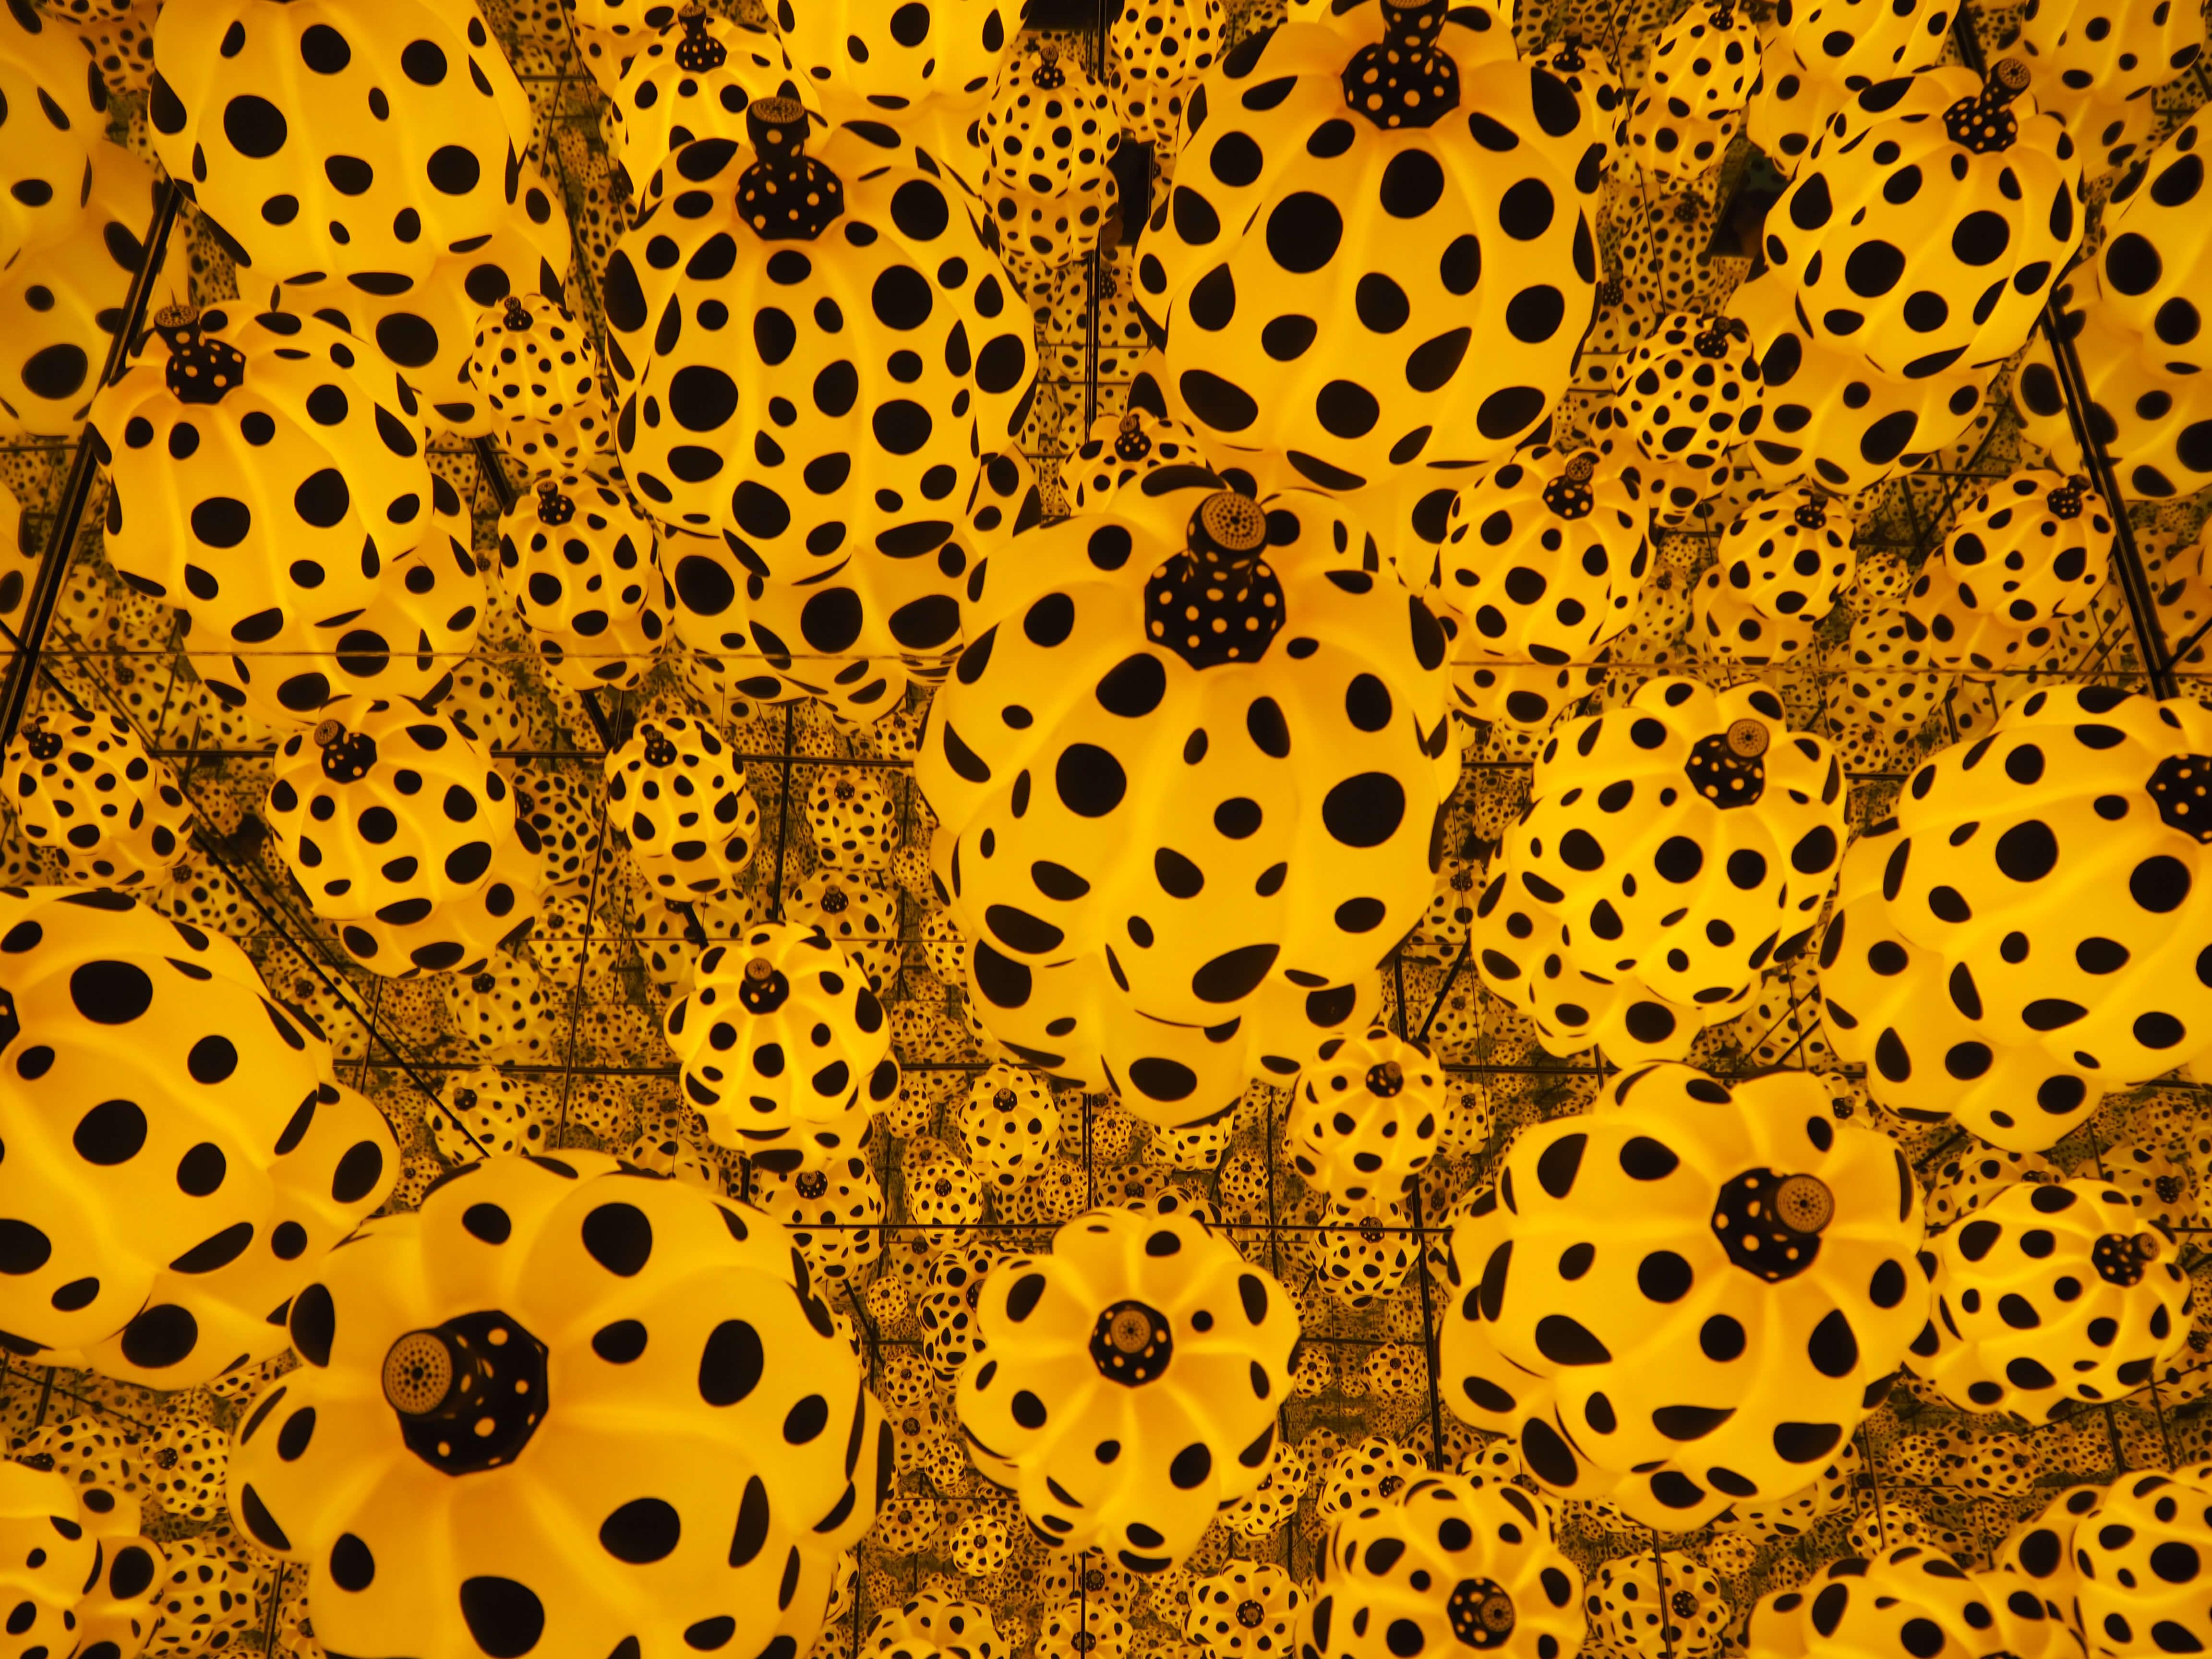 polka dot pumpkins yayoi kusama goma exhibition 1